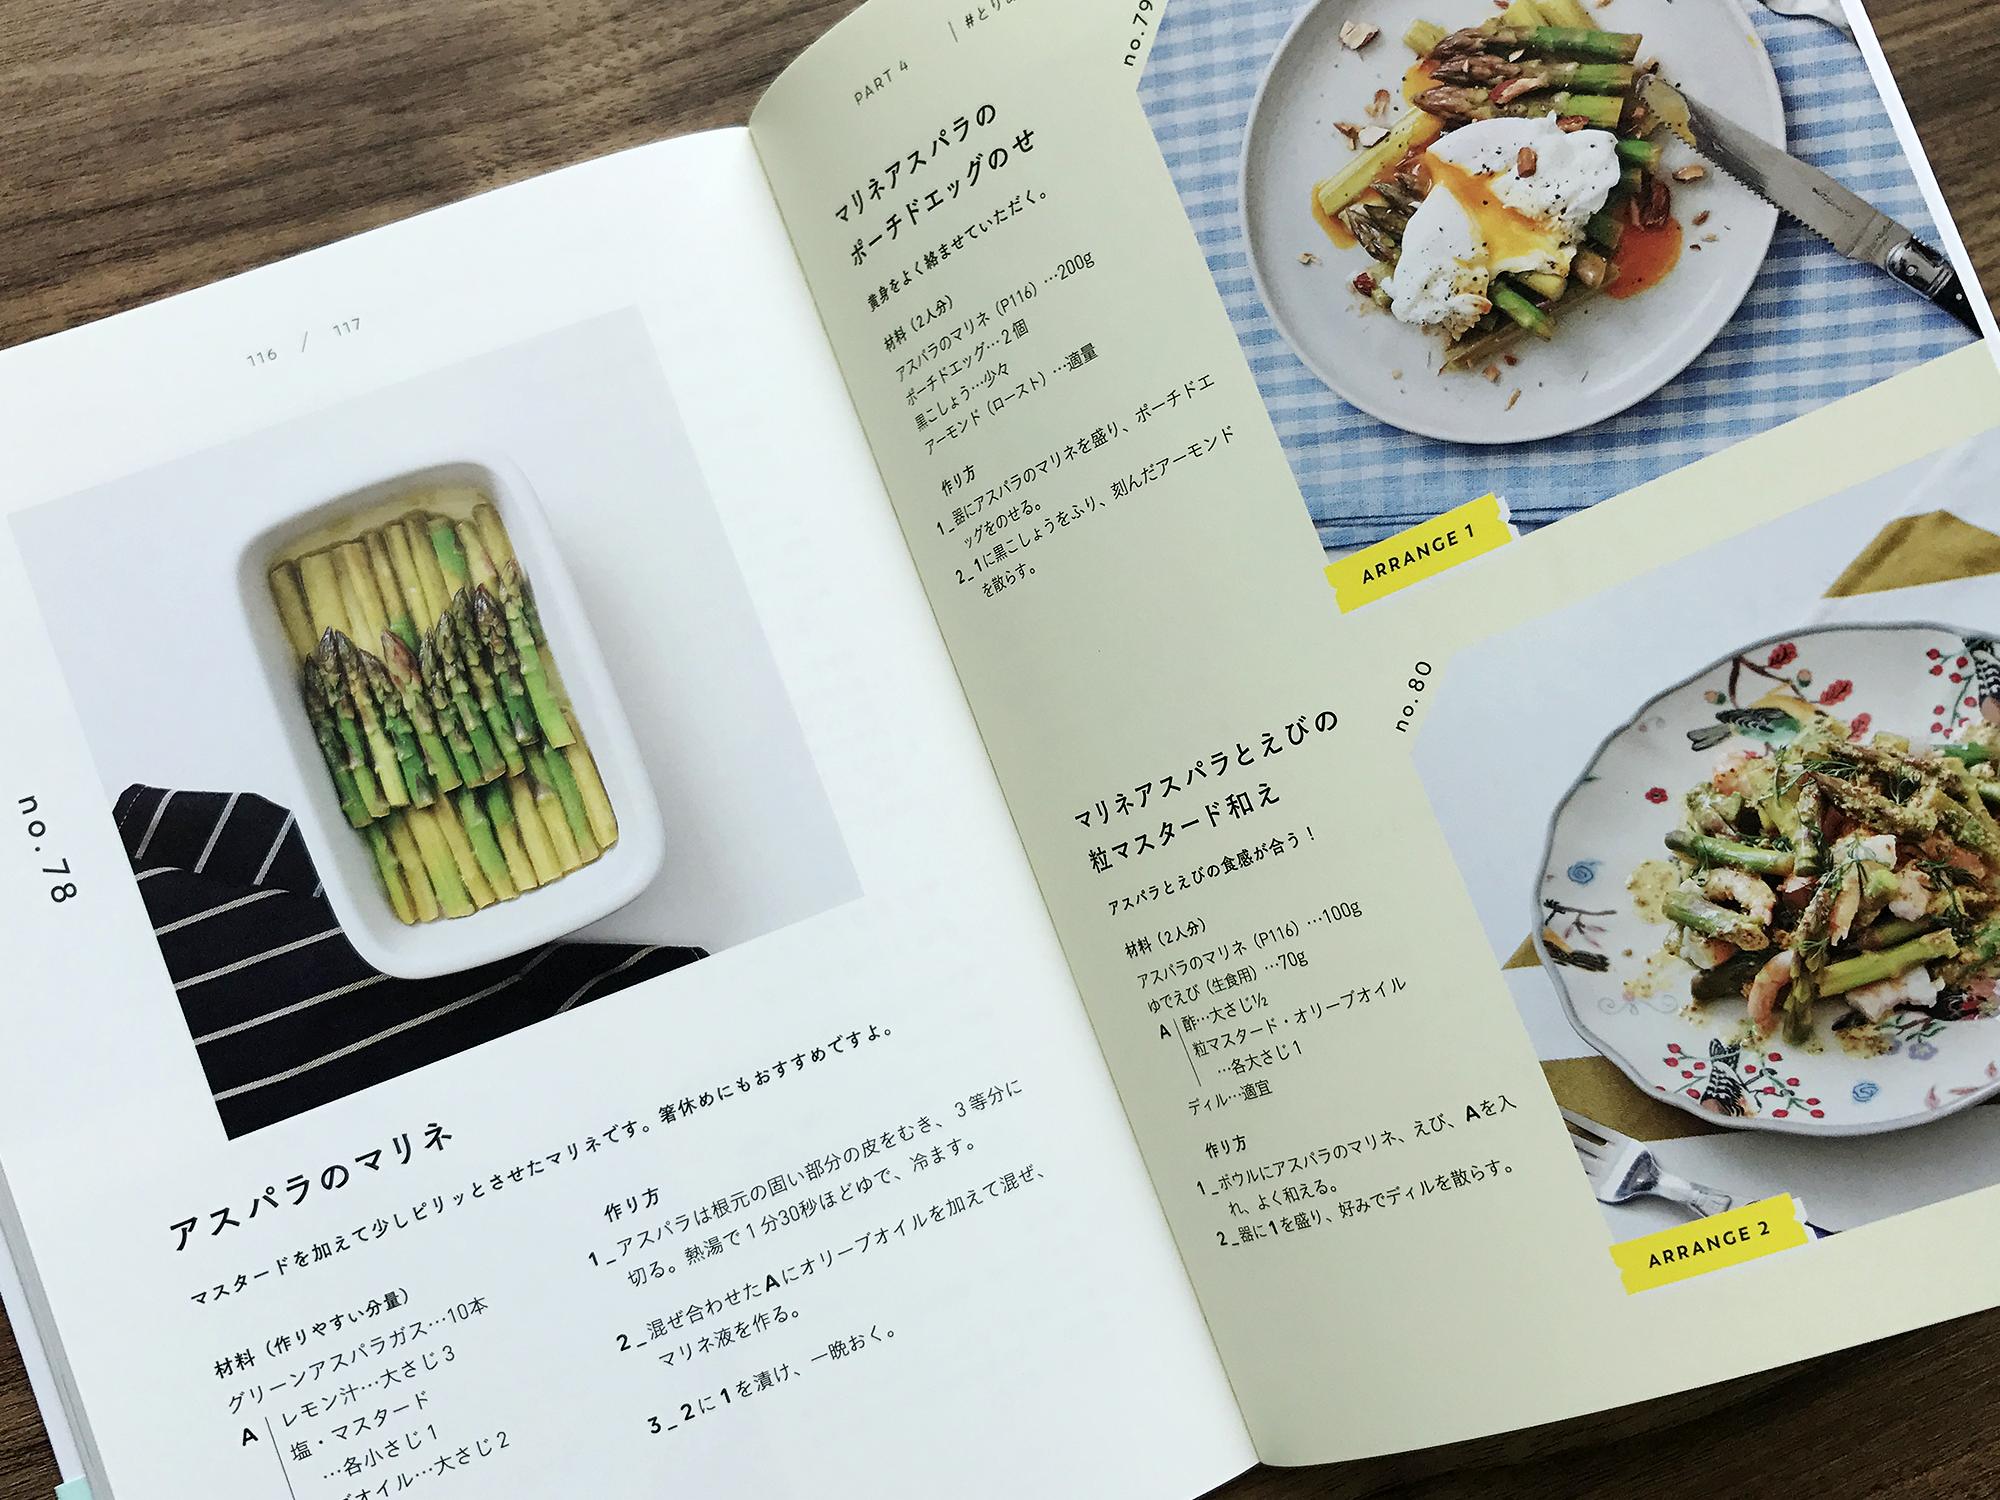 本来なら作り置き料理だけのレシピ本を買うところですが、この本1冊でまかなえるのでたくさんの本を開かなくても大丈夫。